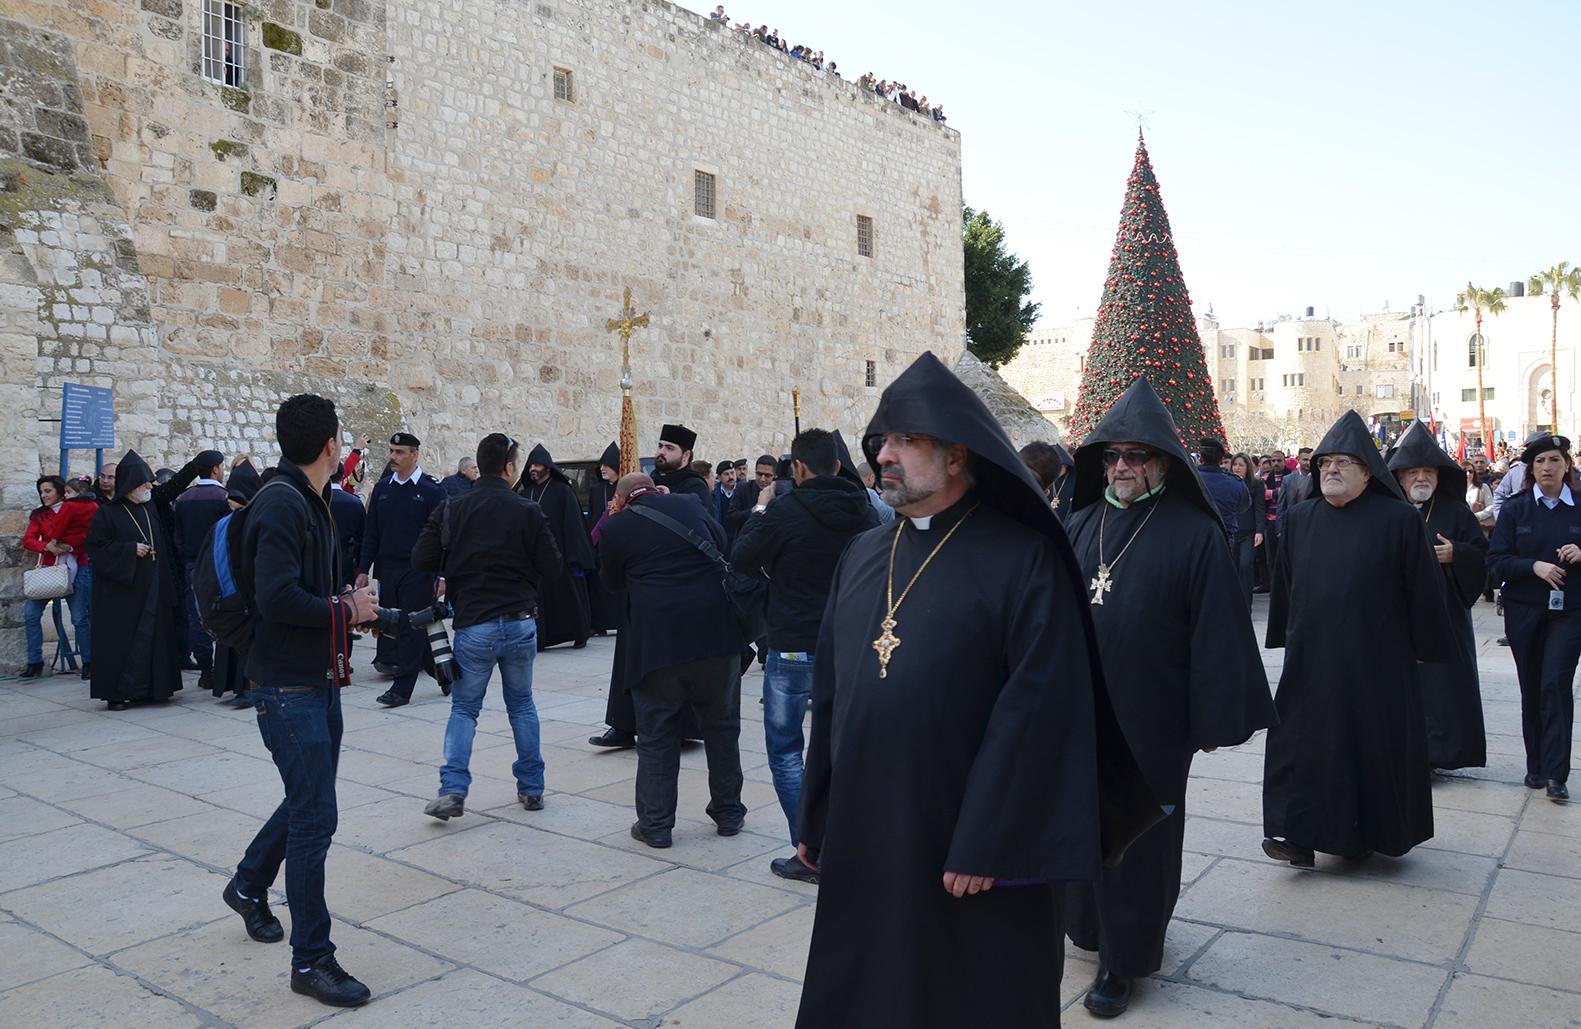 Kněží v Betlémě, Západní Břeh